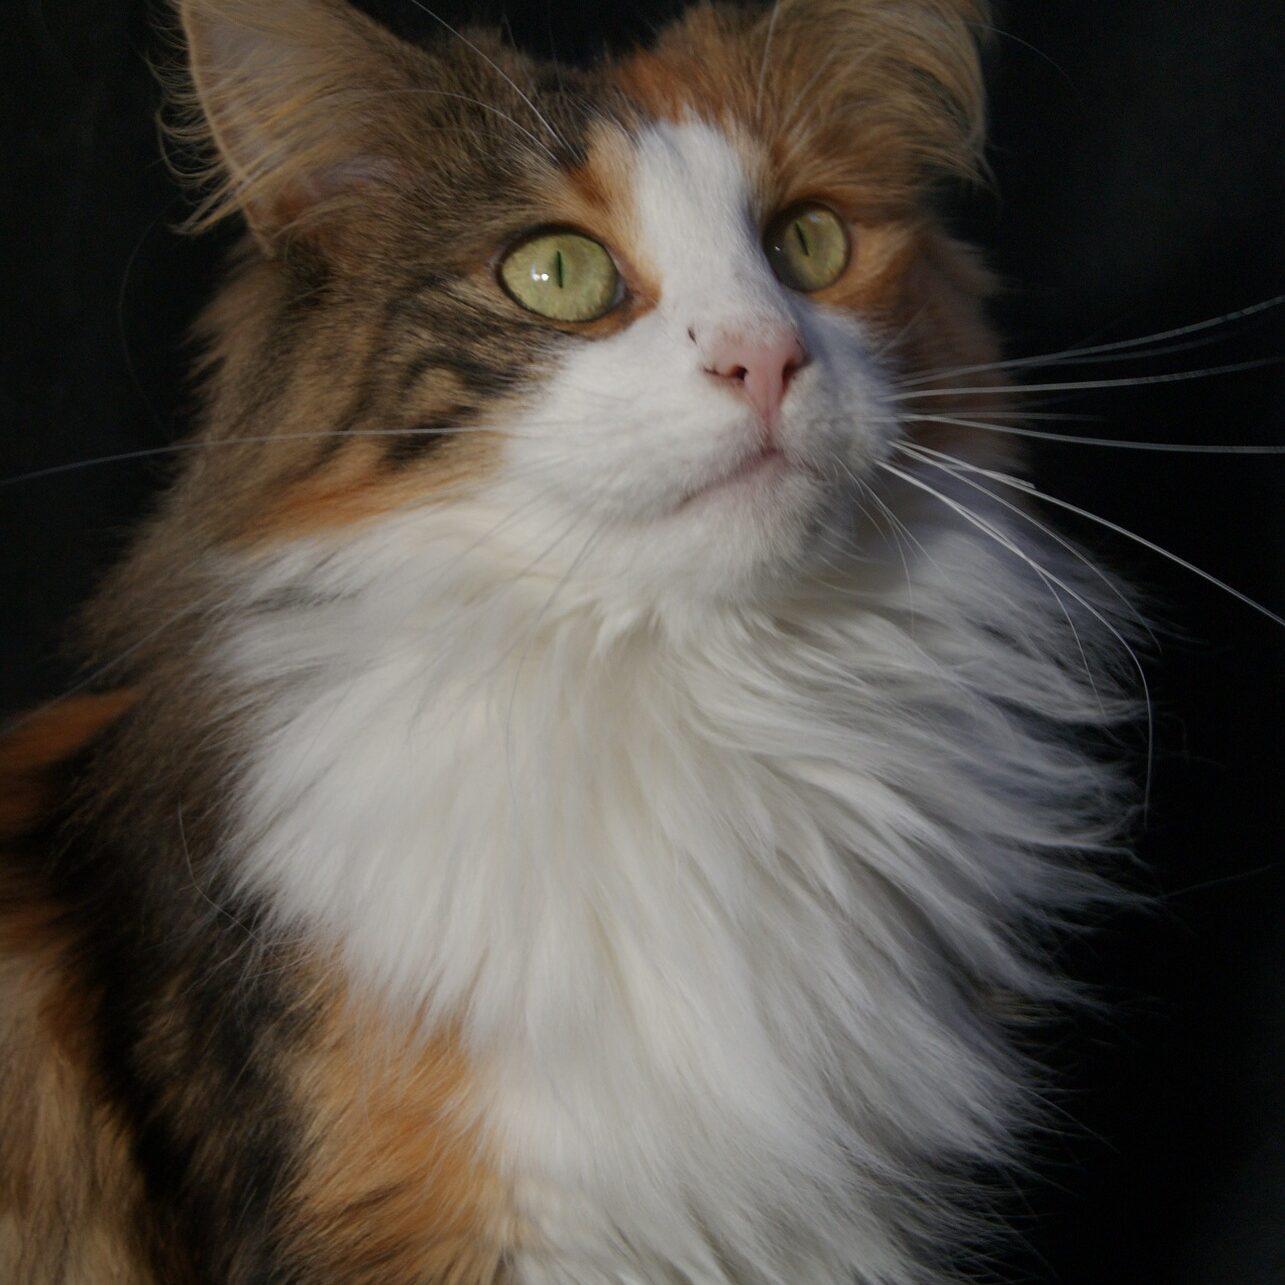 norwegian-forest-cat-1515644_1920